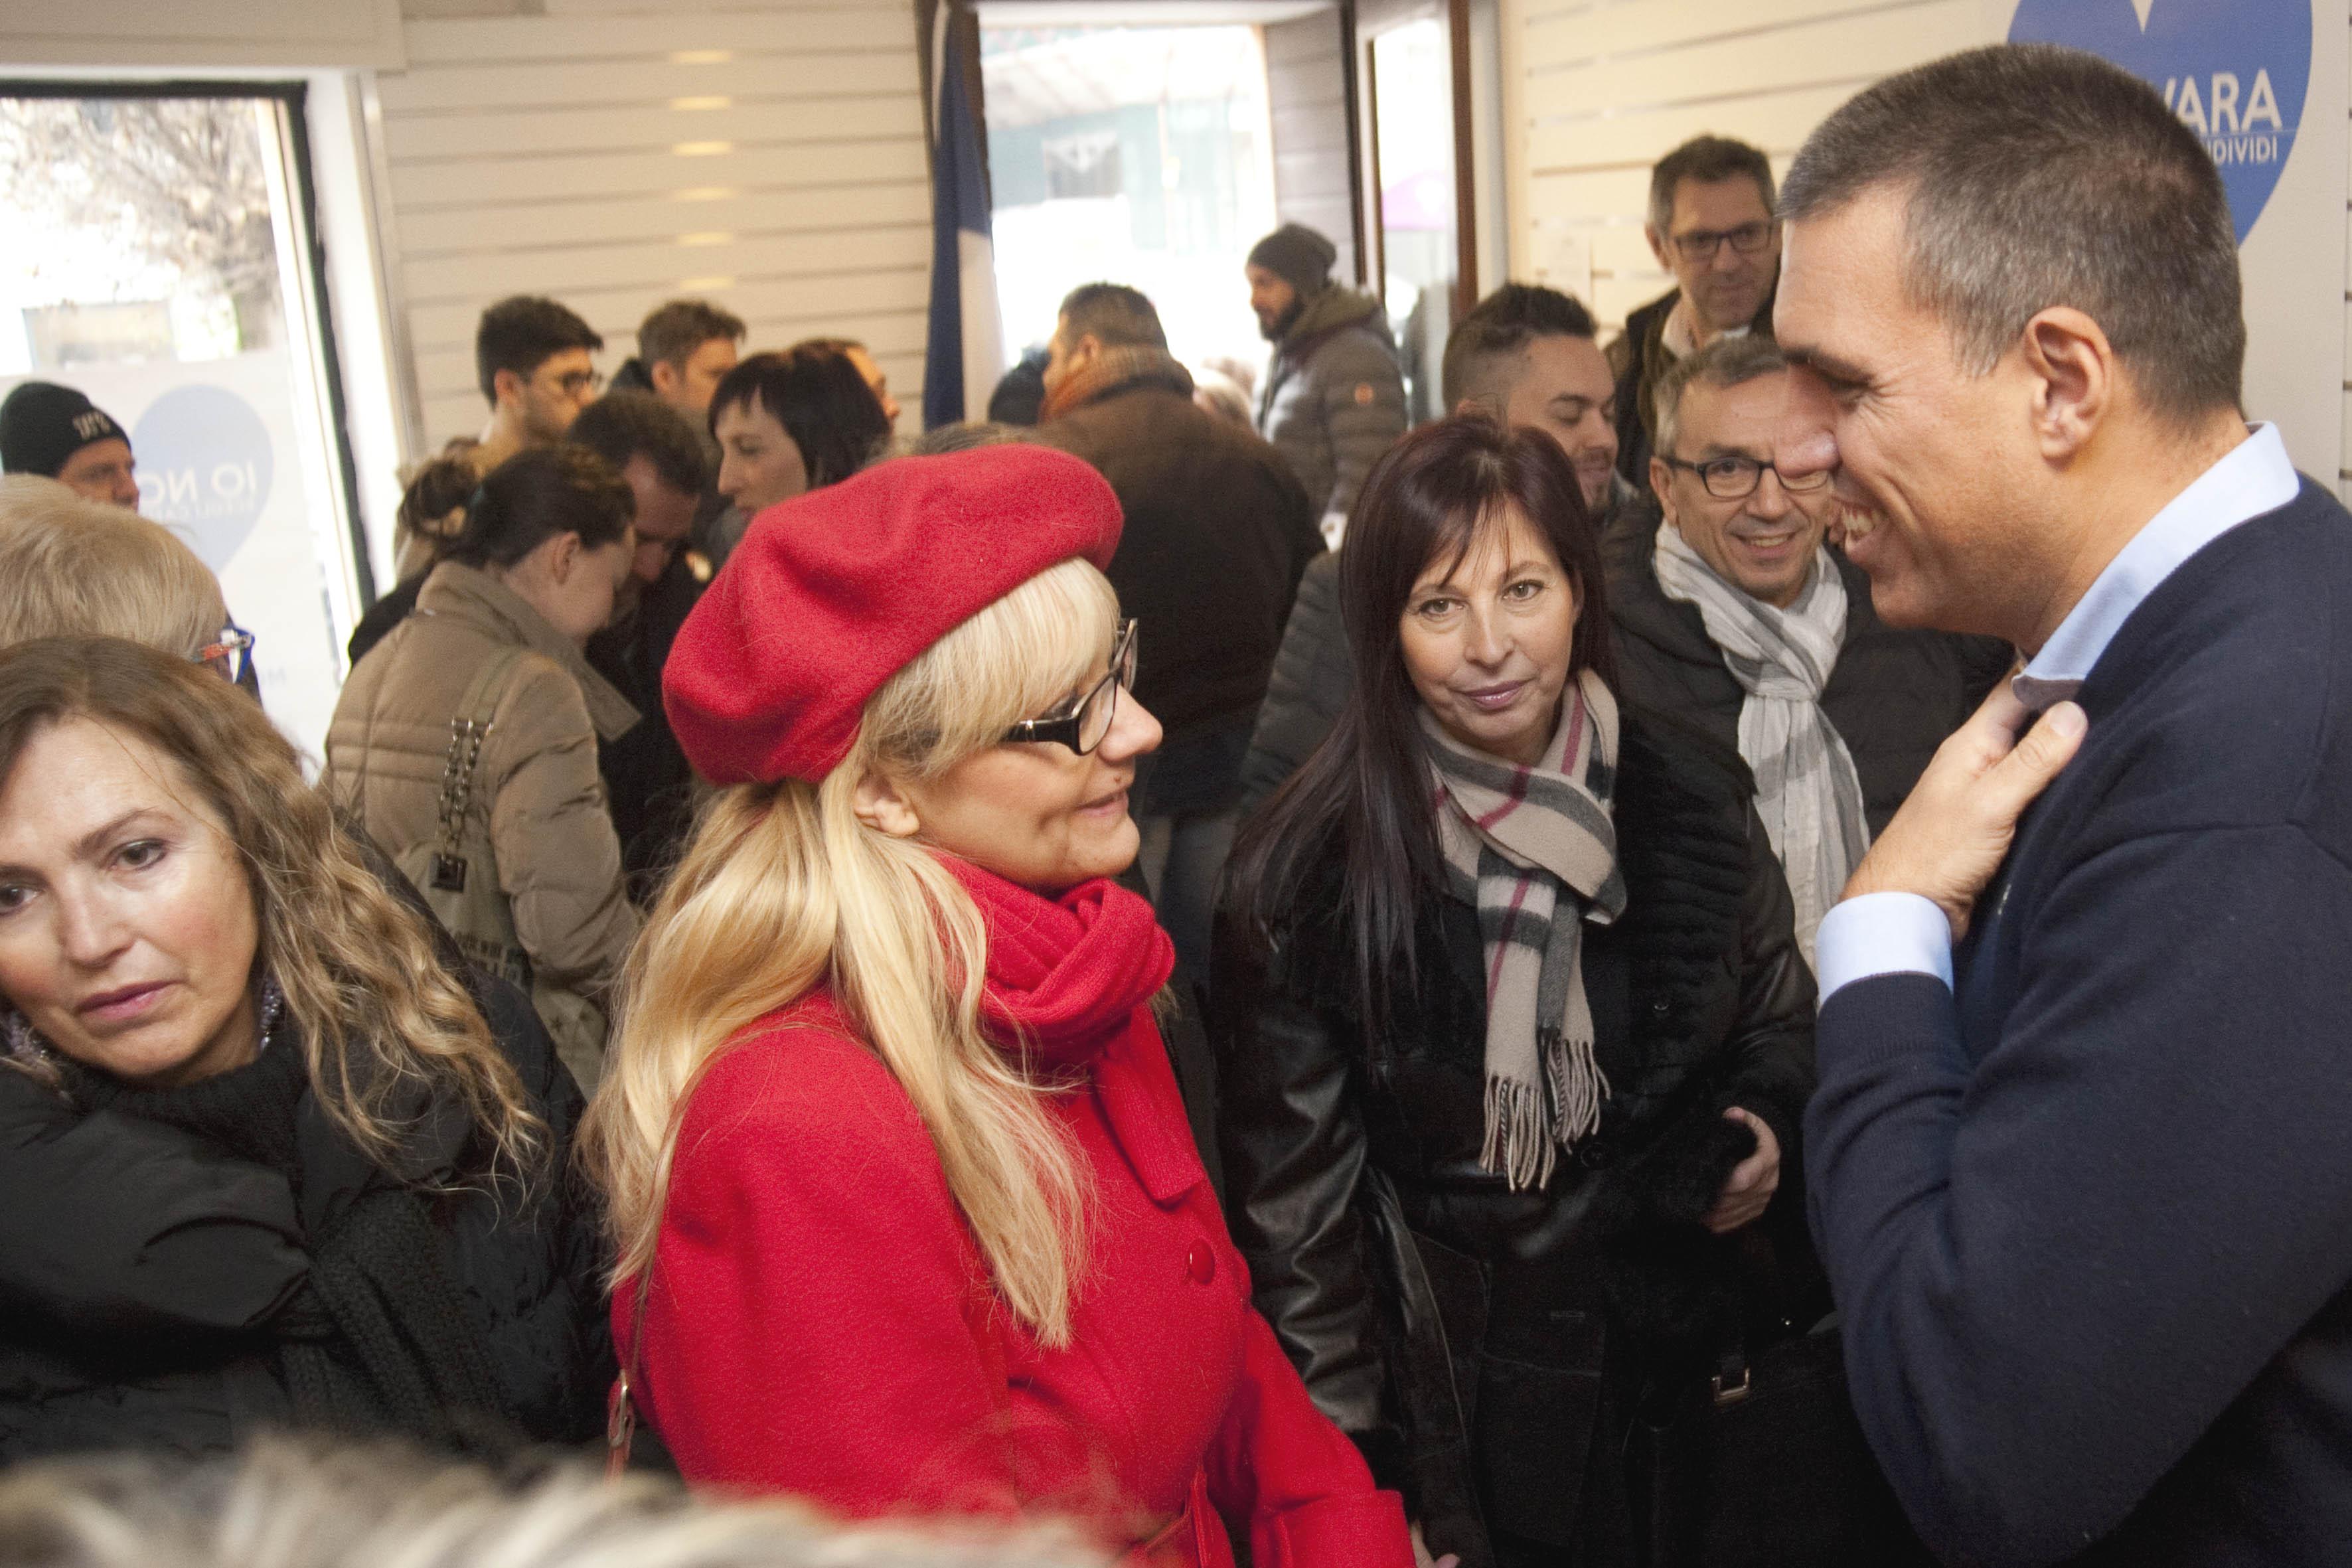 Nulla di nuovo dopo l'arrivo di Salvini a Novara